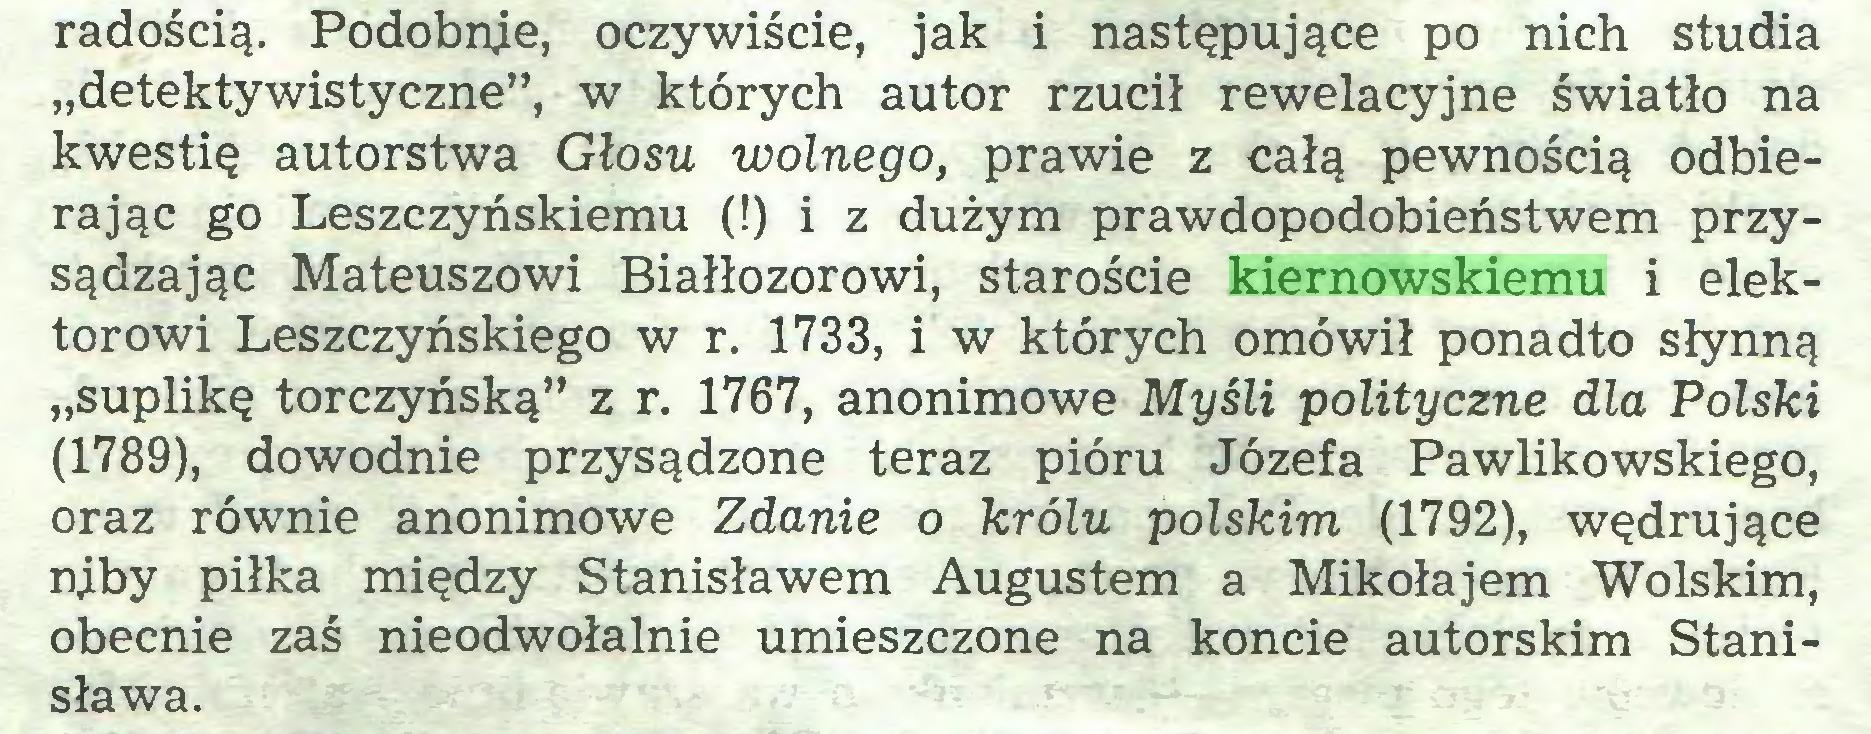 """(...) radością. Podobnie, oczywiście, jak i następujące po nich studia """"detektywistyczne"""", w których autor rzucił rewelacyjne światło na kwestię autorstwa Głosu wolnego, prawie z całą pewnością odbierając go Leszczyńskiemu (!) i z dużym prawdopodobieństwem przysądzając Mateuszowi Białłozorowi, staroście kiernowskiemu i elektorowi Leszczyńskiego w r. 1733, i w których omówił ponadto słynną """"suplikę torczyńską"""" z r. 1767, anonimowe Myśli polityczne dla Polski (1789), dowodnie przysądzone teraz pióru Józefa Pawlikowskiego, oraz równie anonimowe Zdanie o królu polskim (1792), wędrujące njby piłka między Stanisławem Augustem a Mikołajem Wolskim, obecnie zaś nieodwołalnie umieszczone na koncie autorskim Stanisława..."""